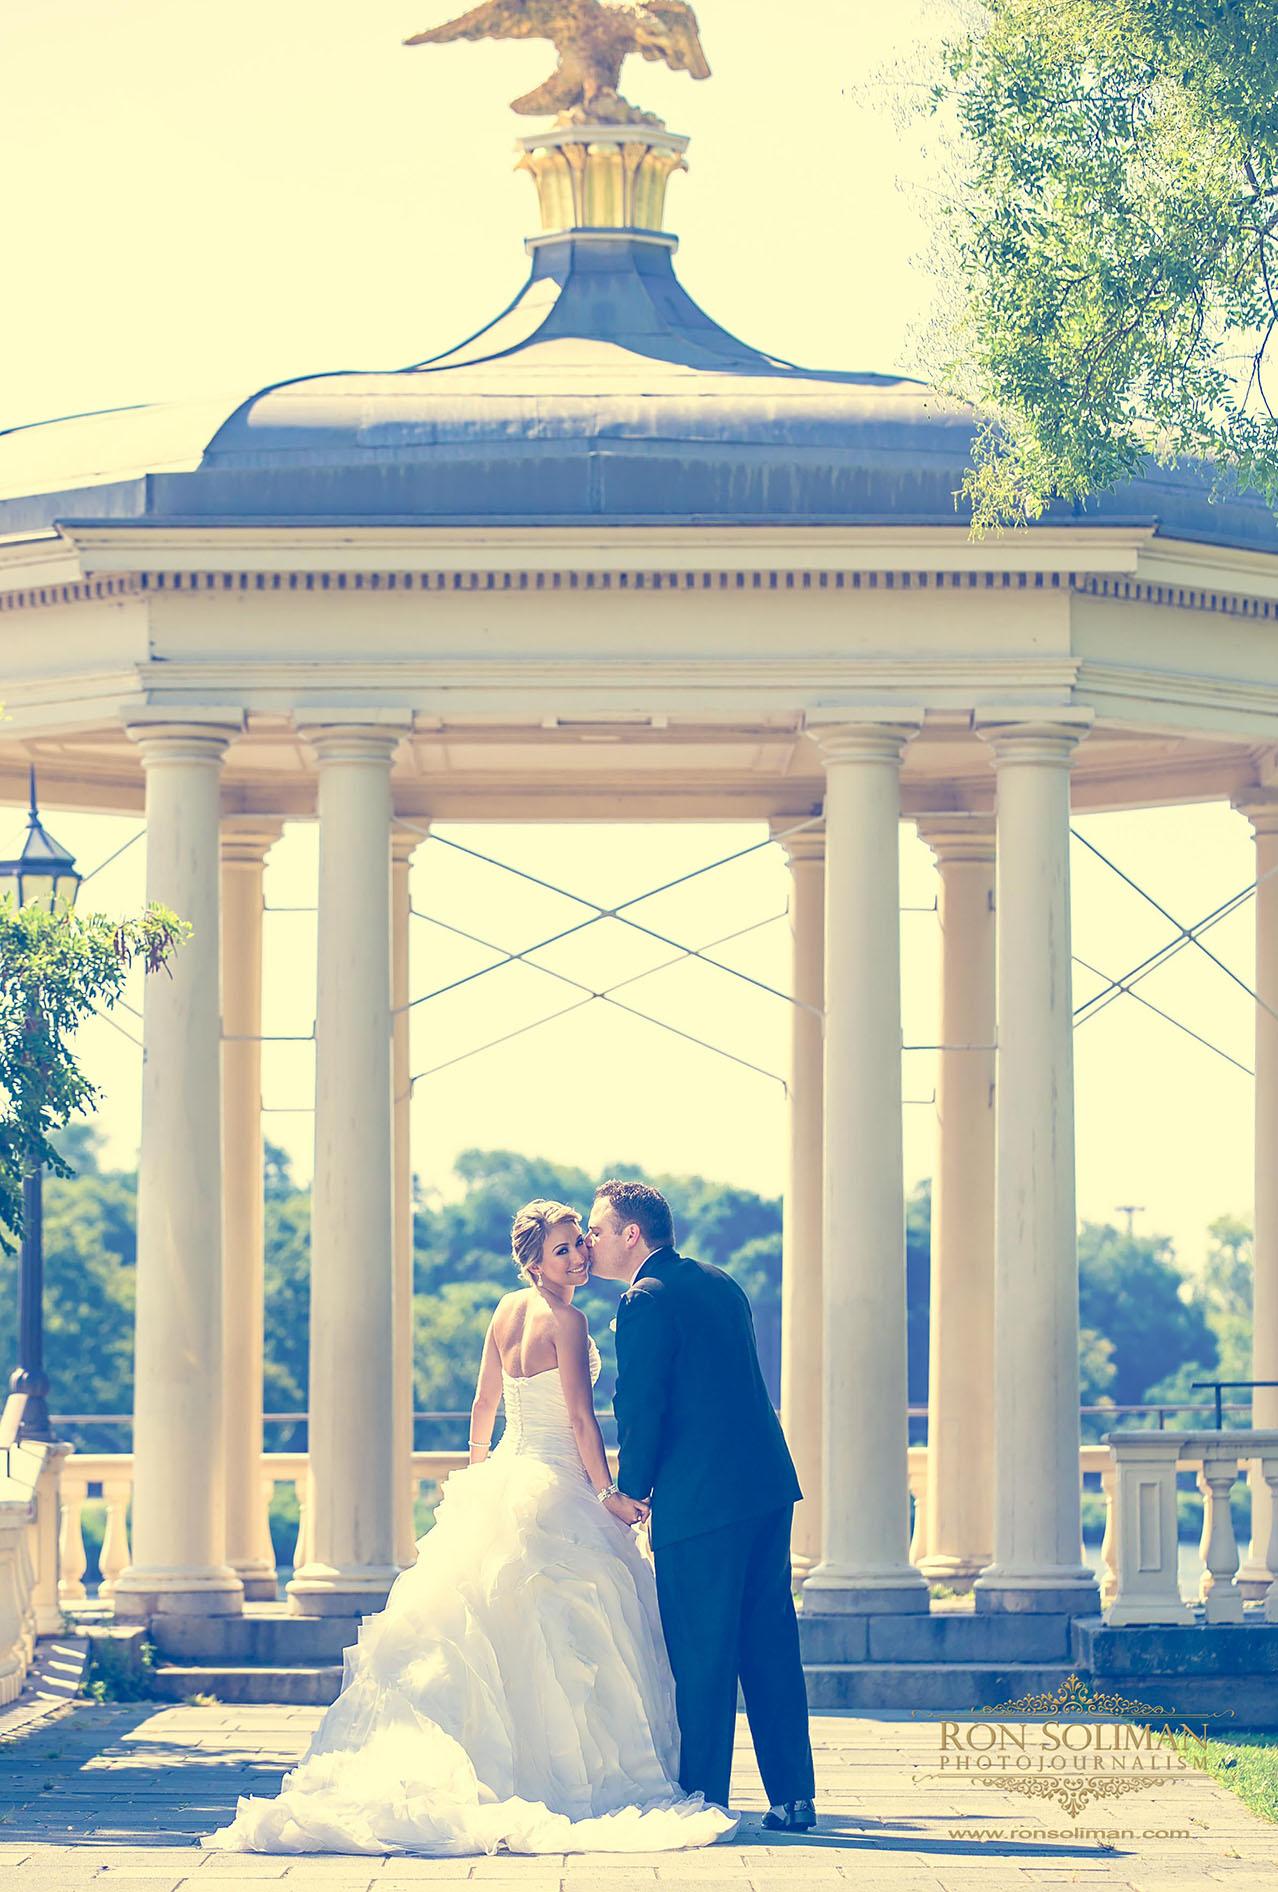 Best Waterworks wedding photos